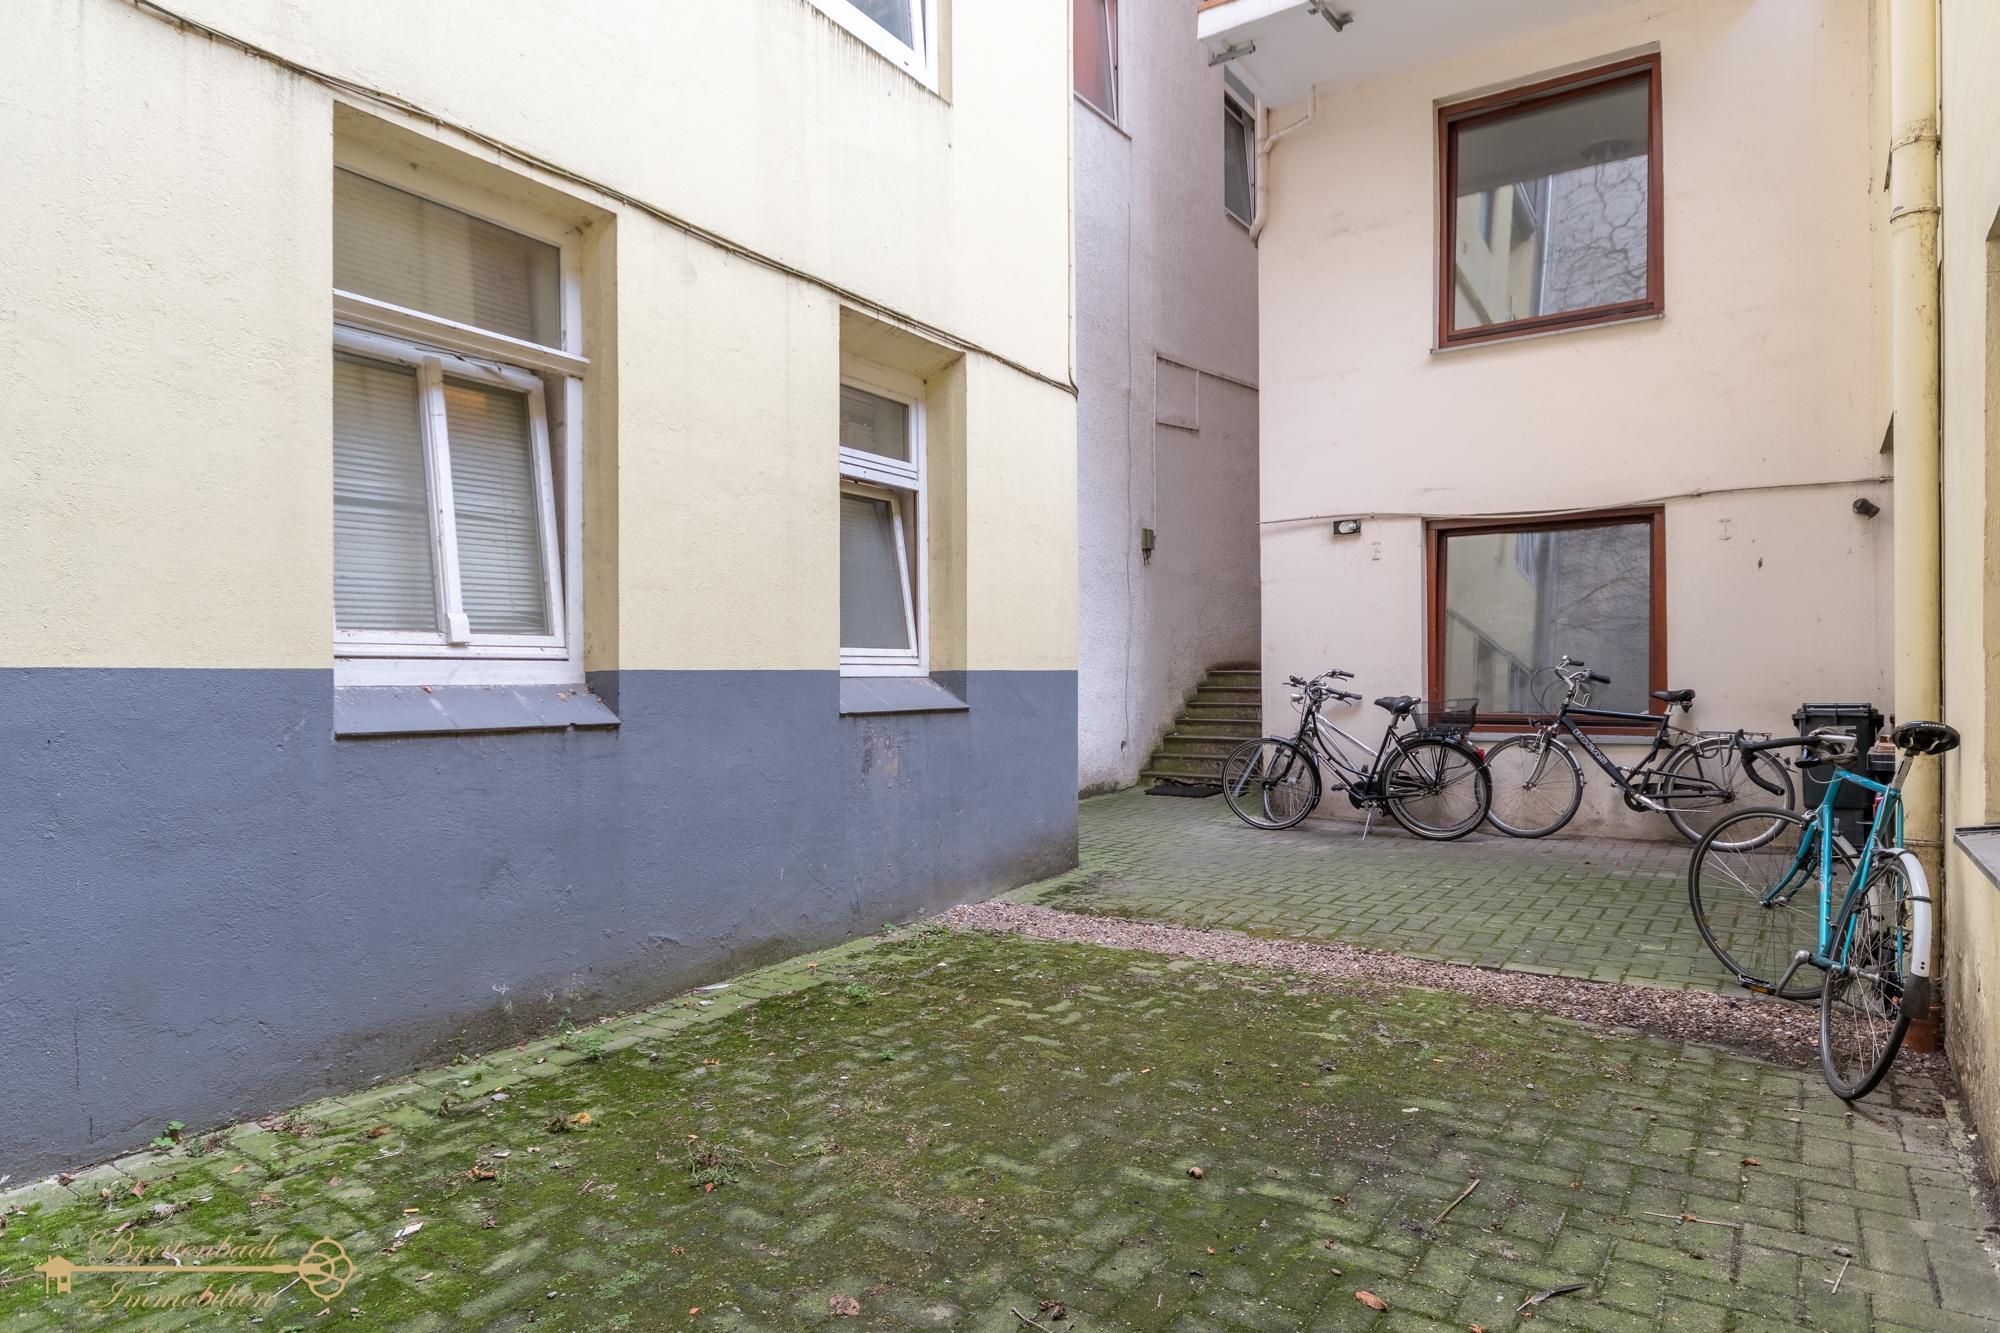 2020-11-15-Breitenbach-Immobilien-16